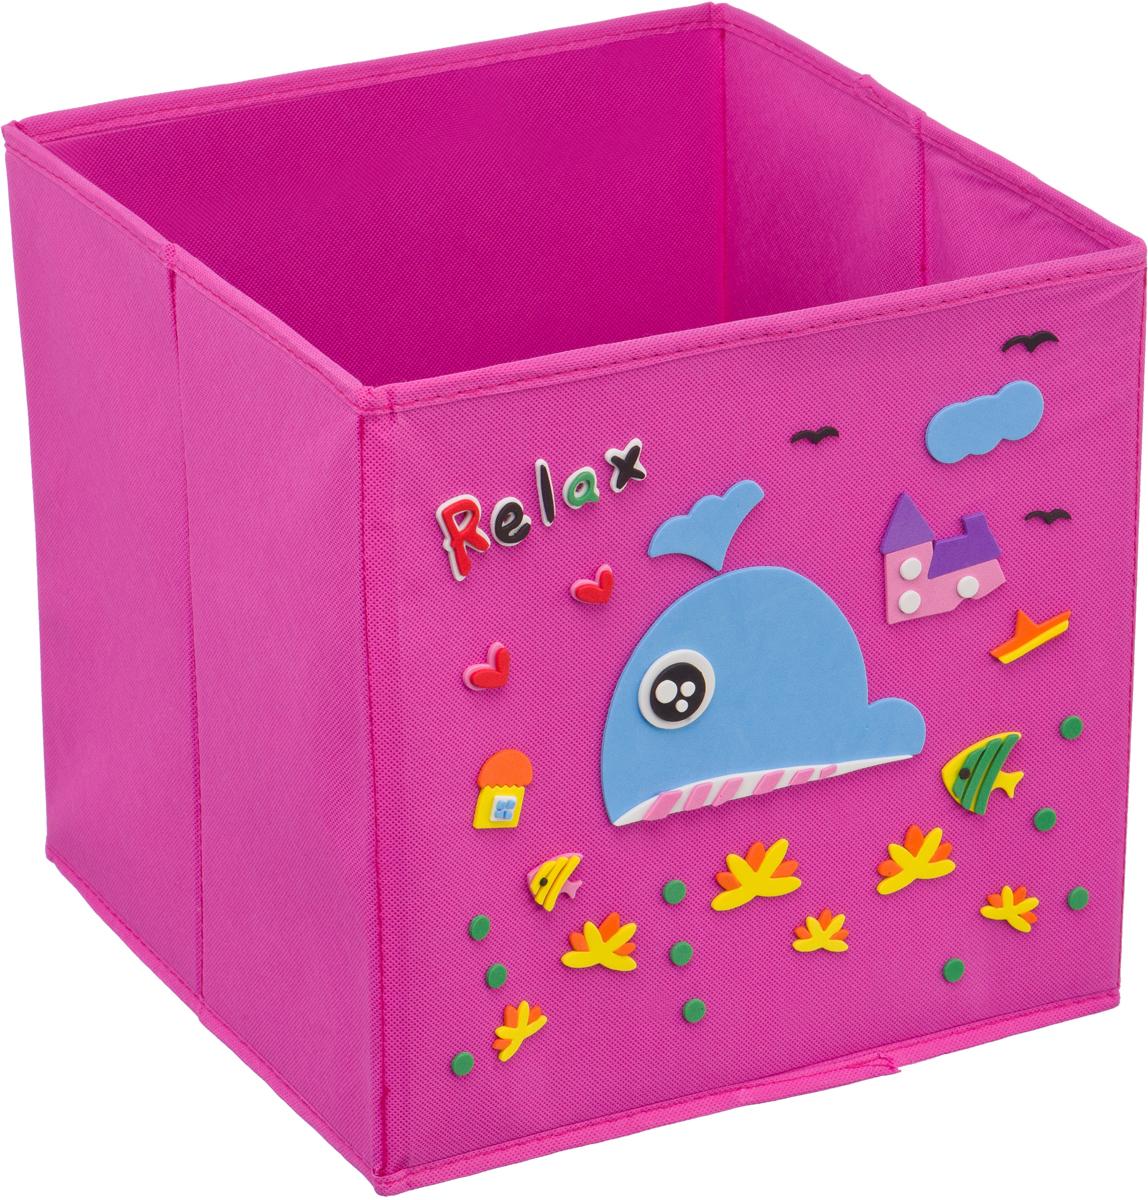 Кофр для хранения Handy Home Кит, с аппликацией, цвет: розовыйUC-117Кофр с аппликацией - универсальная система для домашнего хранения, которая дополняется интересной аппликацией с эксклюзивным и веселым детским дизайном для оформления фронтальной стороны короба. Комплект представляет собой складной короб из нетканого материала и картона, плюс самоклеящаяся аппликация из полимера, которую необходимо самому собрать в картину.Соберите всю увлекательную коллекцию у себя дома.